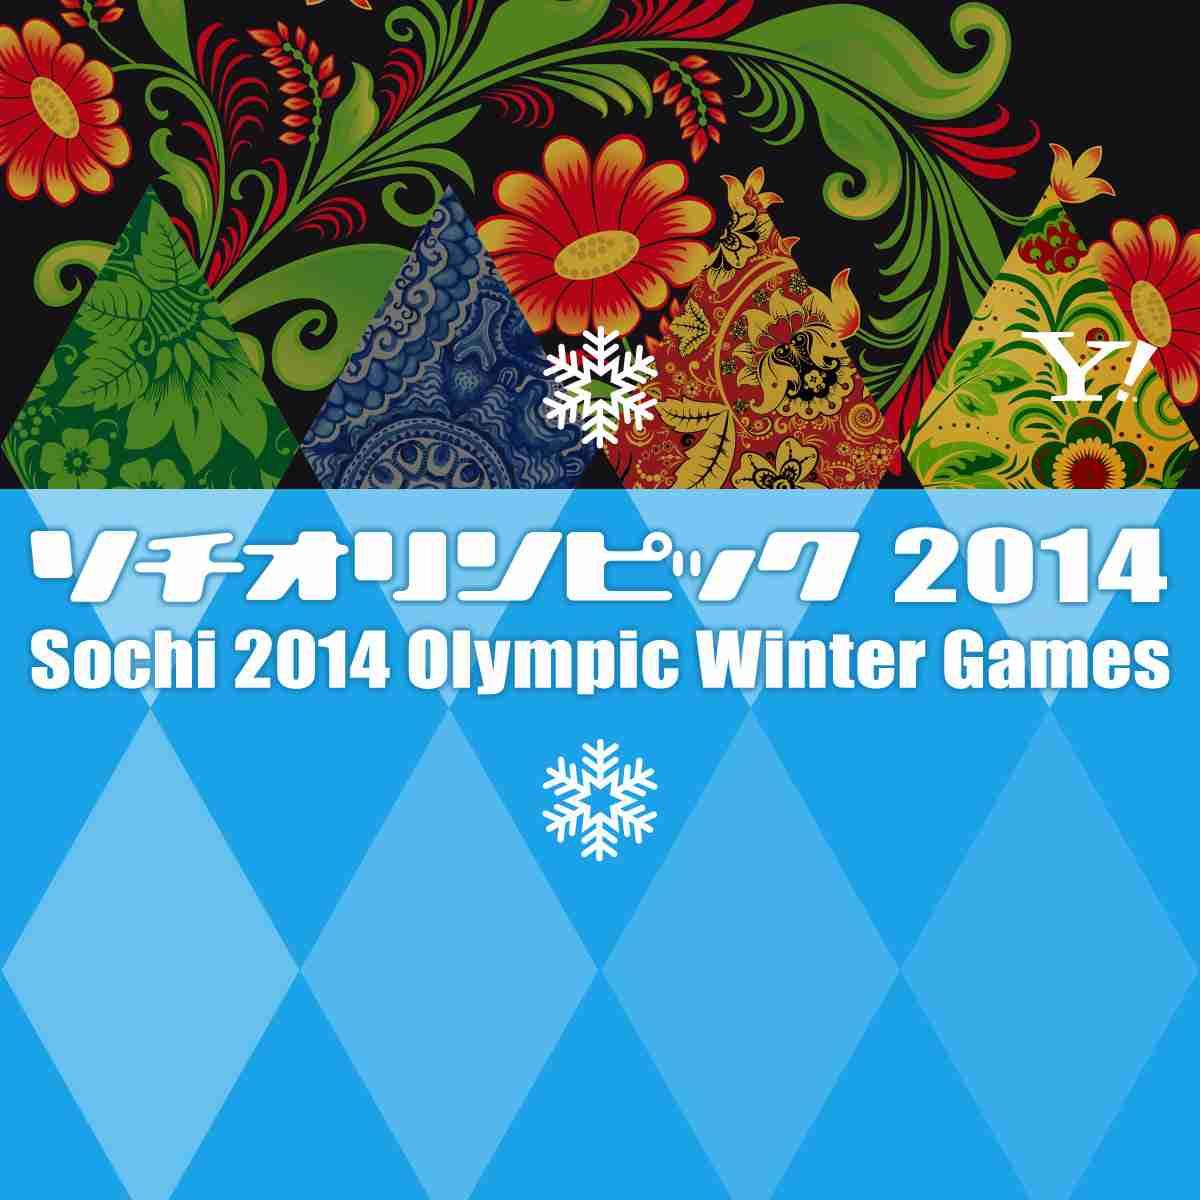 ソチオリンピック Yahoo! JAPAN - 羽生「金メダルのここからこそがスタート」(スポーツナビ)